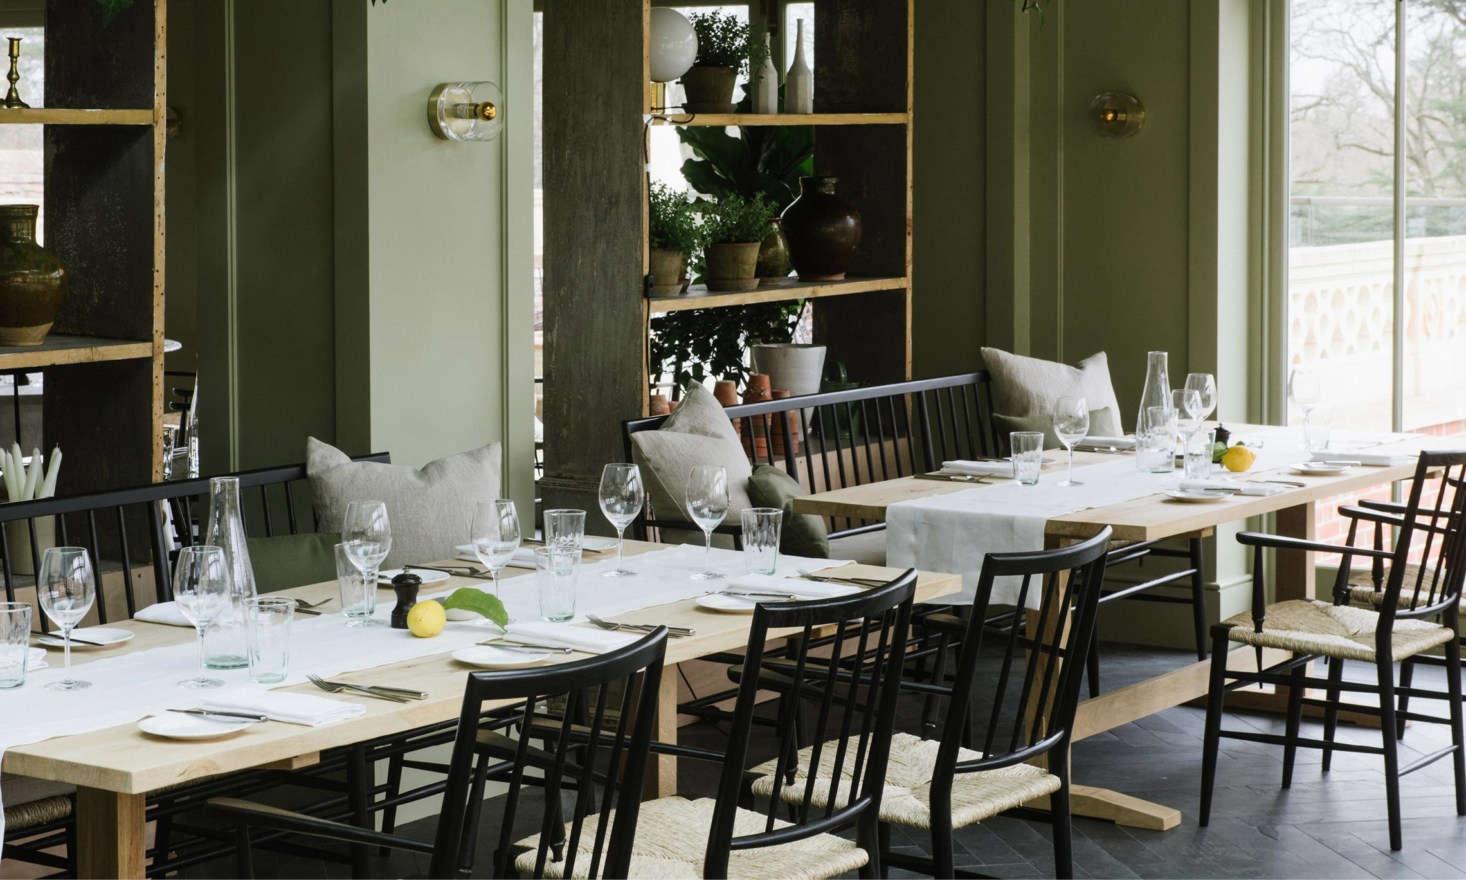 Marle Restaurant &#8